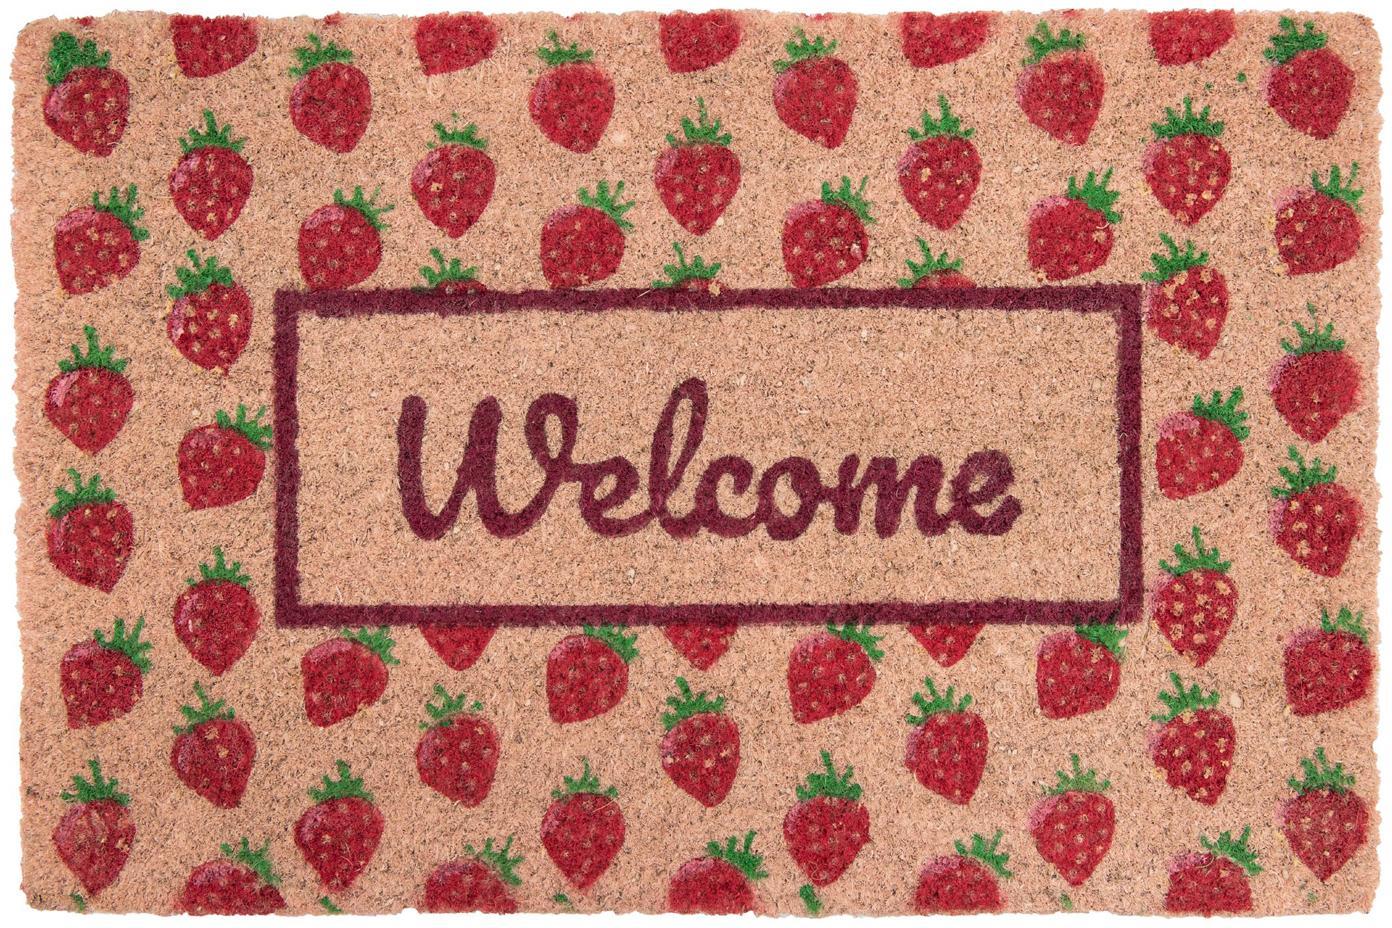 Fussmatte Welcome mit Erdbeeren, Oberseite: Kokosfaser, Unterseite: PVC, Rosa, Rot, Grün, 40 x 60 cm